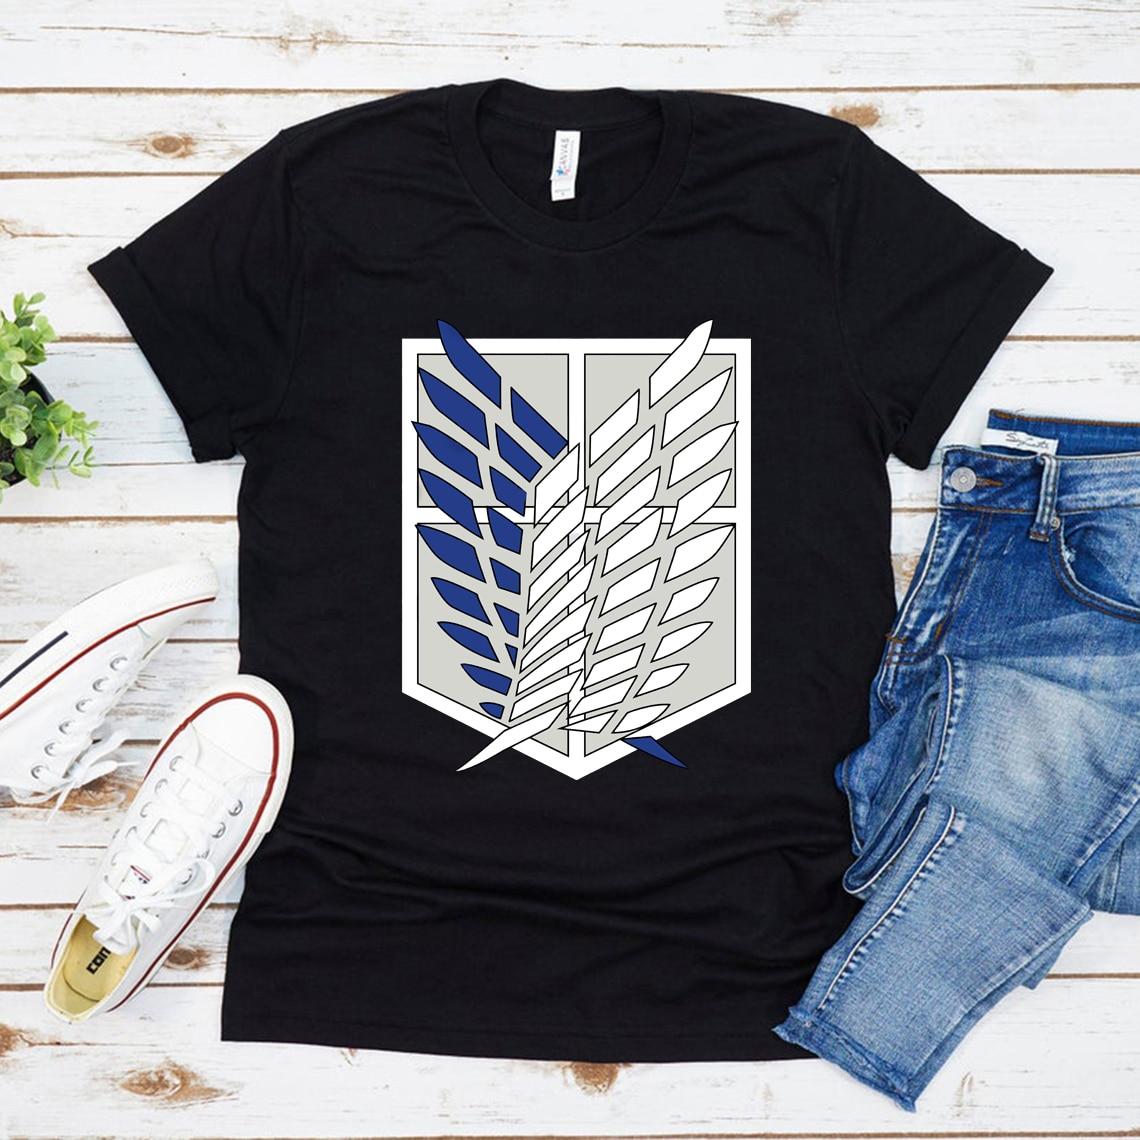 camiseta-con-estampado-de-ataque-a-titan-para-mujer-camiseta-unisex-de-manga-corta-con-estampado-de-anime-tops-harajuku-para-mujer